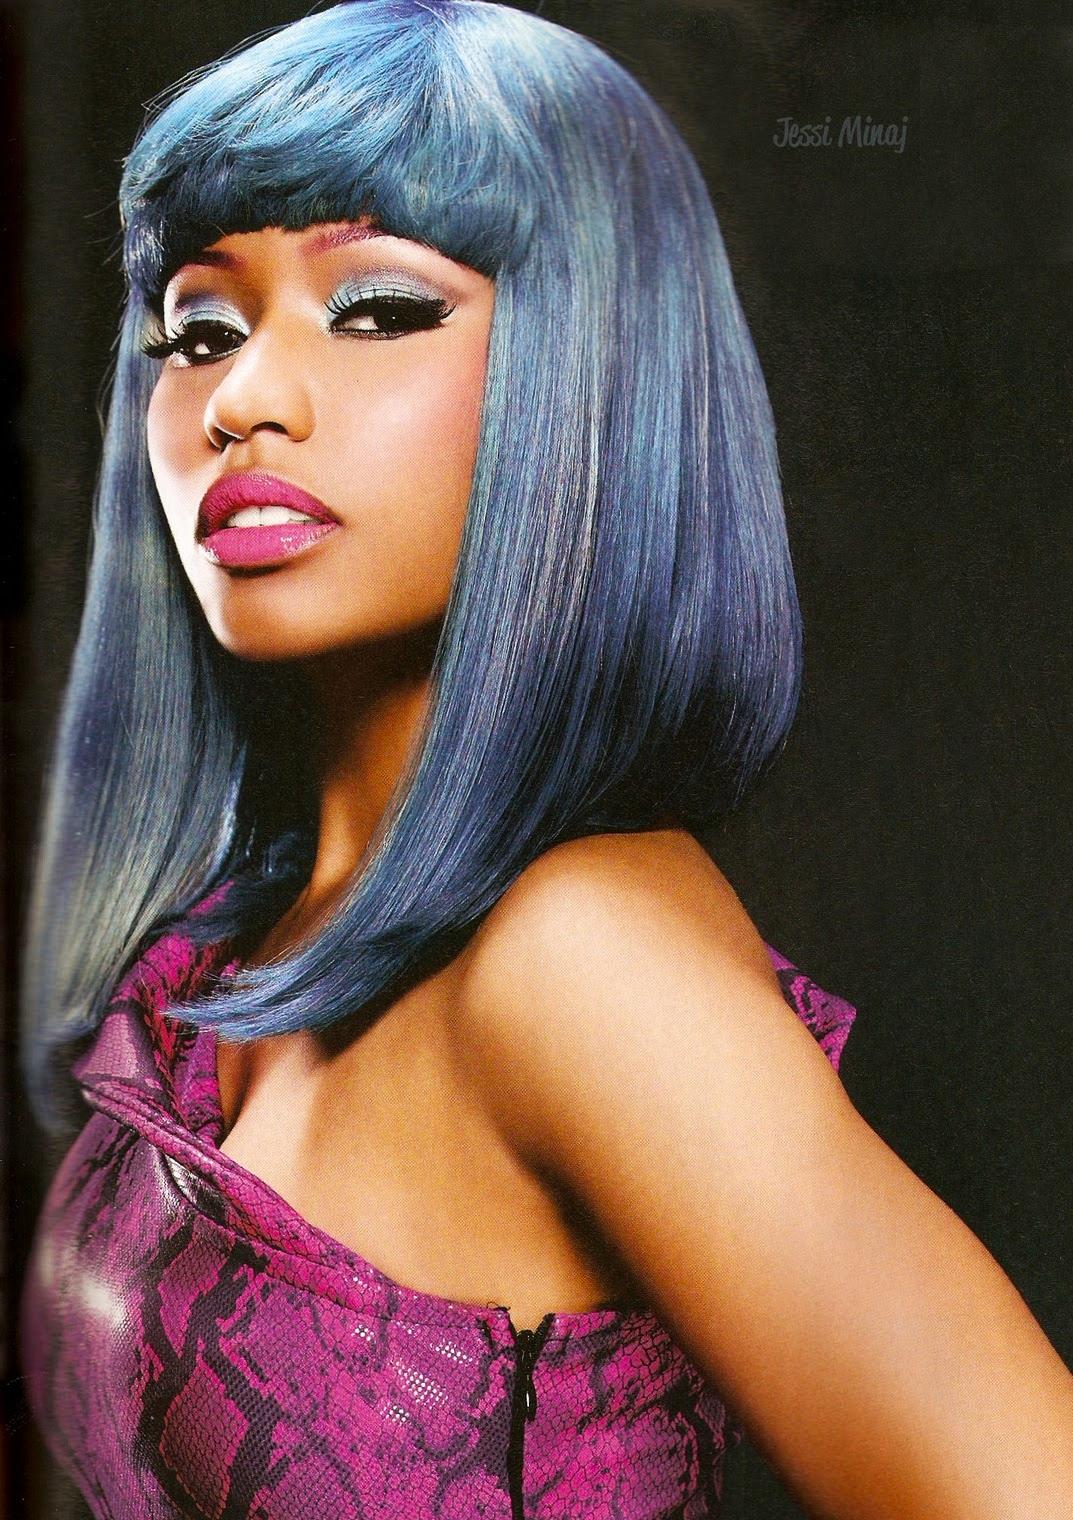 http://1.bp.blogspot.com/-jiyvI7pNpRI/T9FTGf1O0HI/AAAAAAAAA2Q/N-4od2VsOcI/s1600/Nicki+Minaj+Pictures+9.jpg